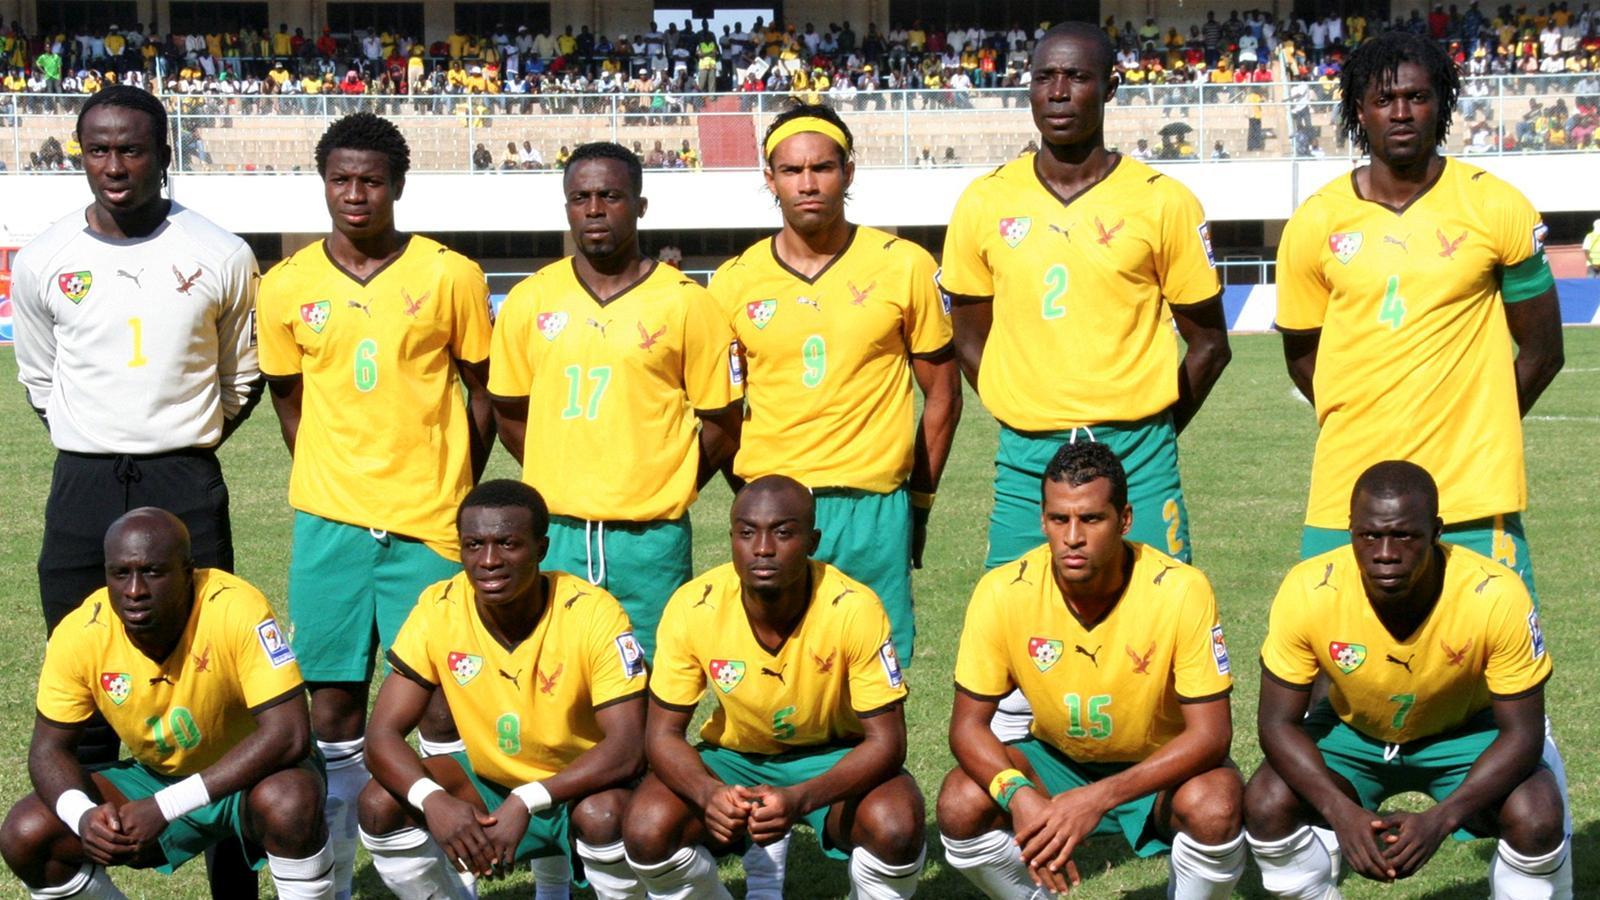 L 39 quipe veut jouer coupe d 39 afrique des nations 2002 football eurosport - Resultat foot coupe d afrique ...